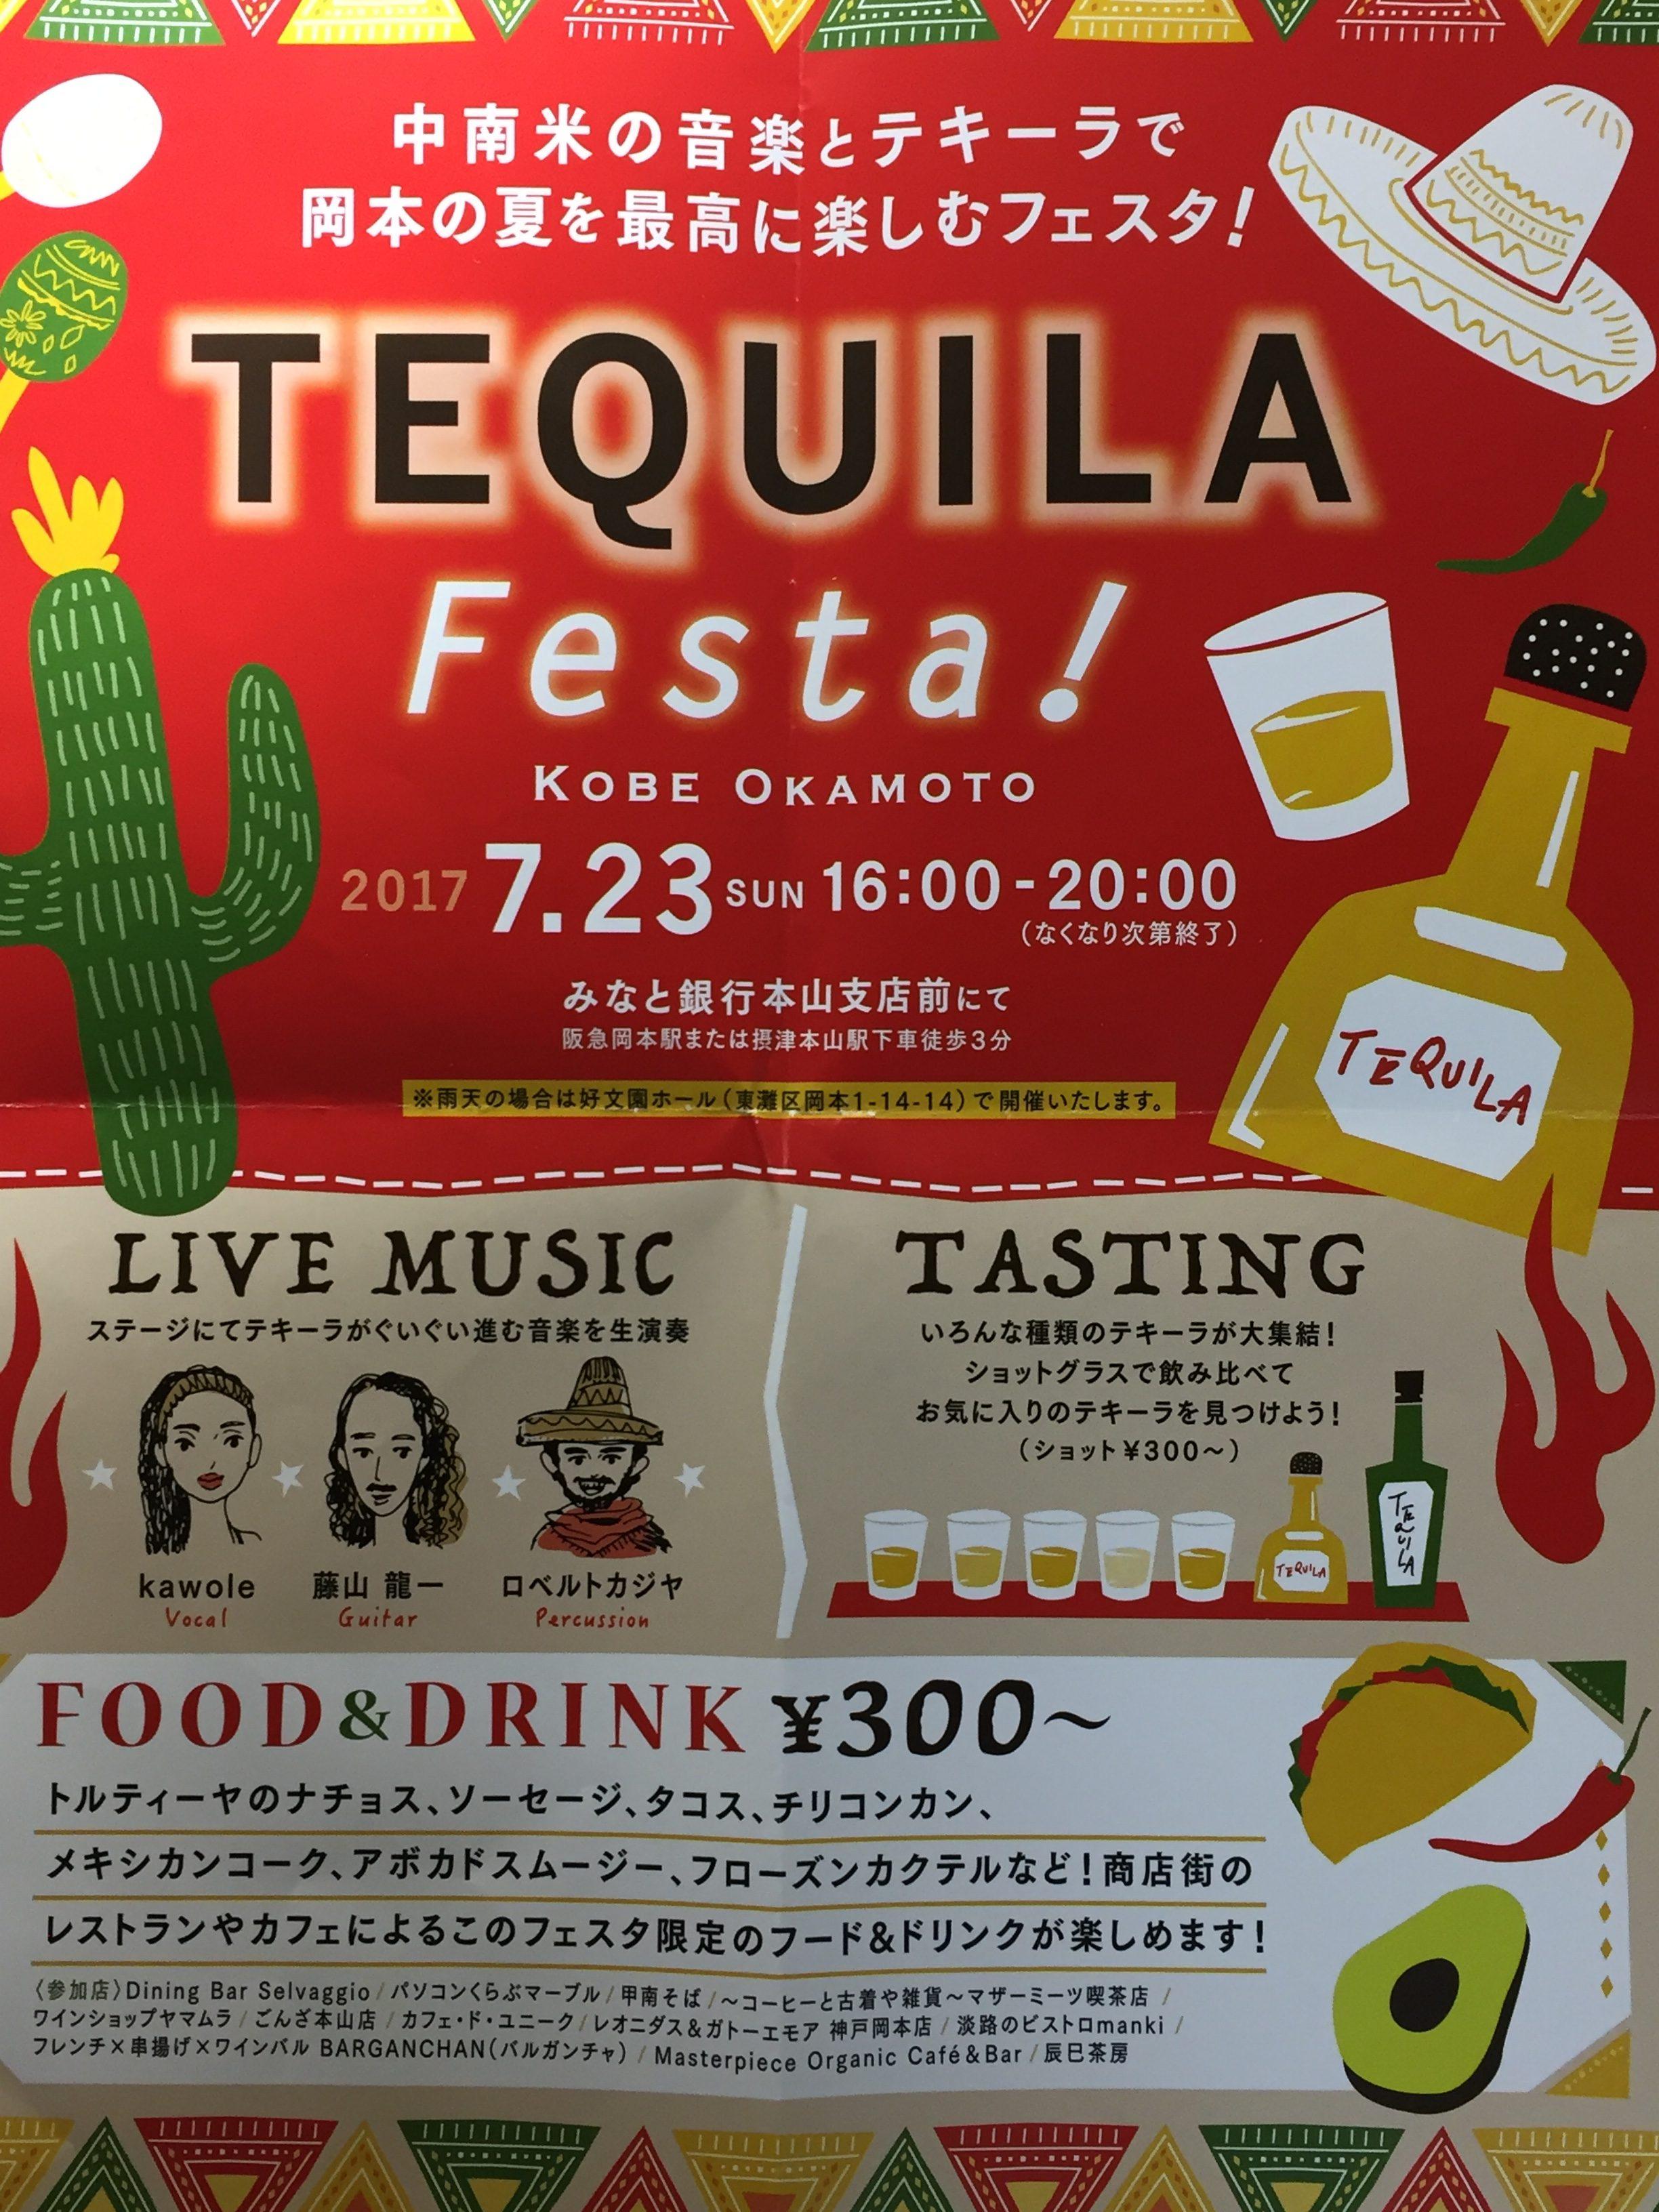 神戸・岡本で「テキーラフェスタ」が7/23(日)の夜に初開催されるよ!【※イベント告知】